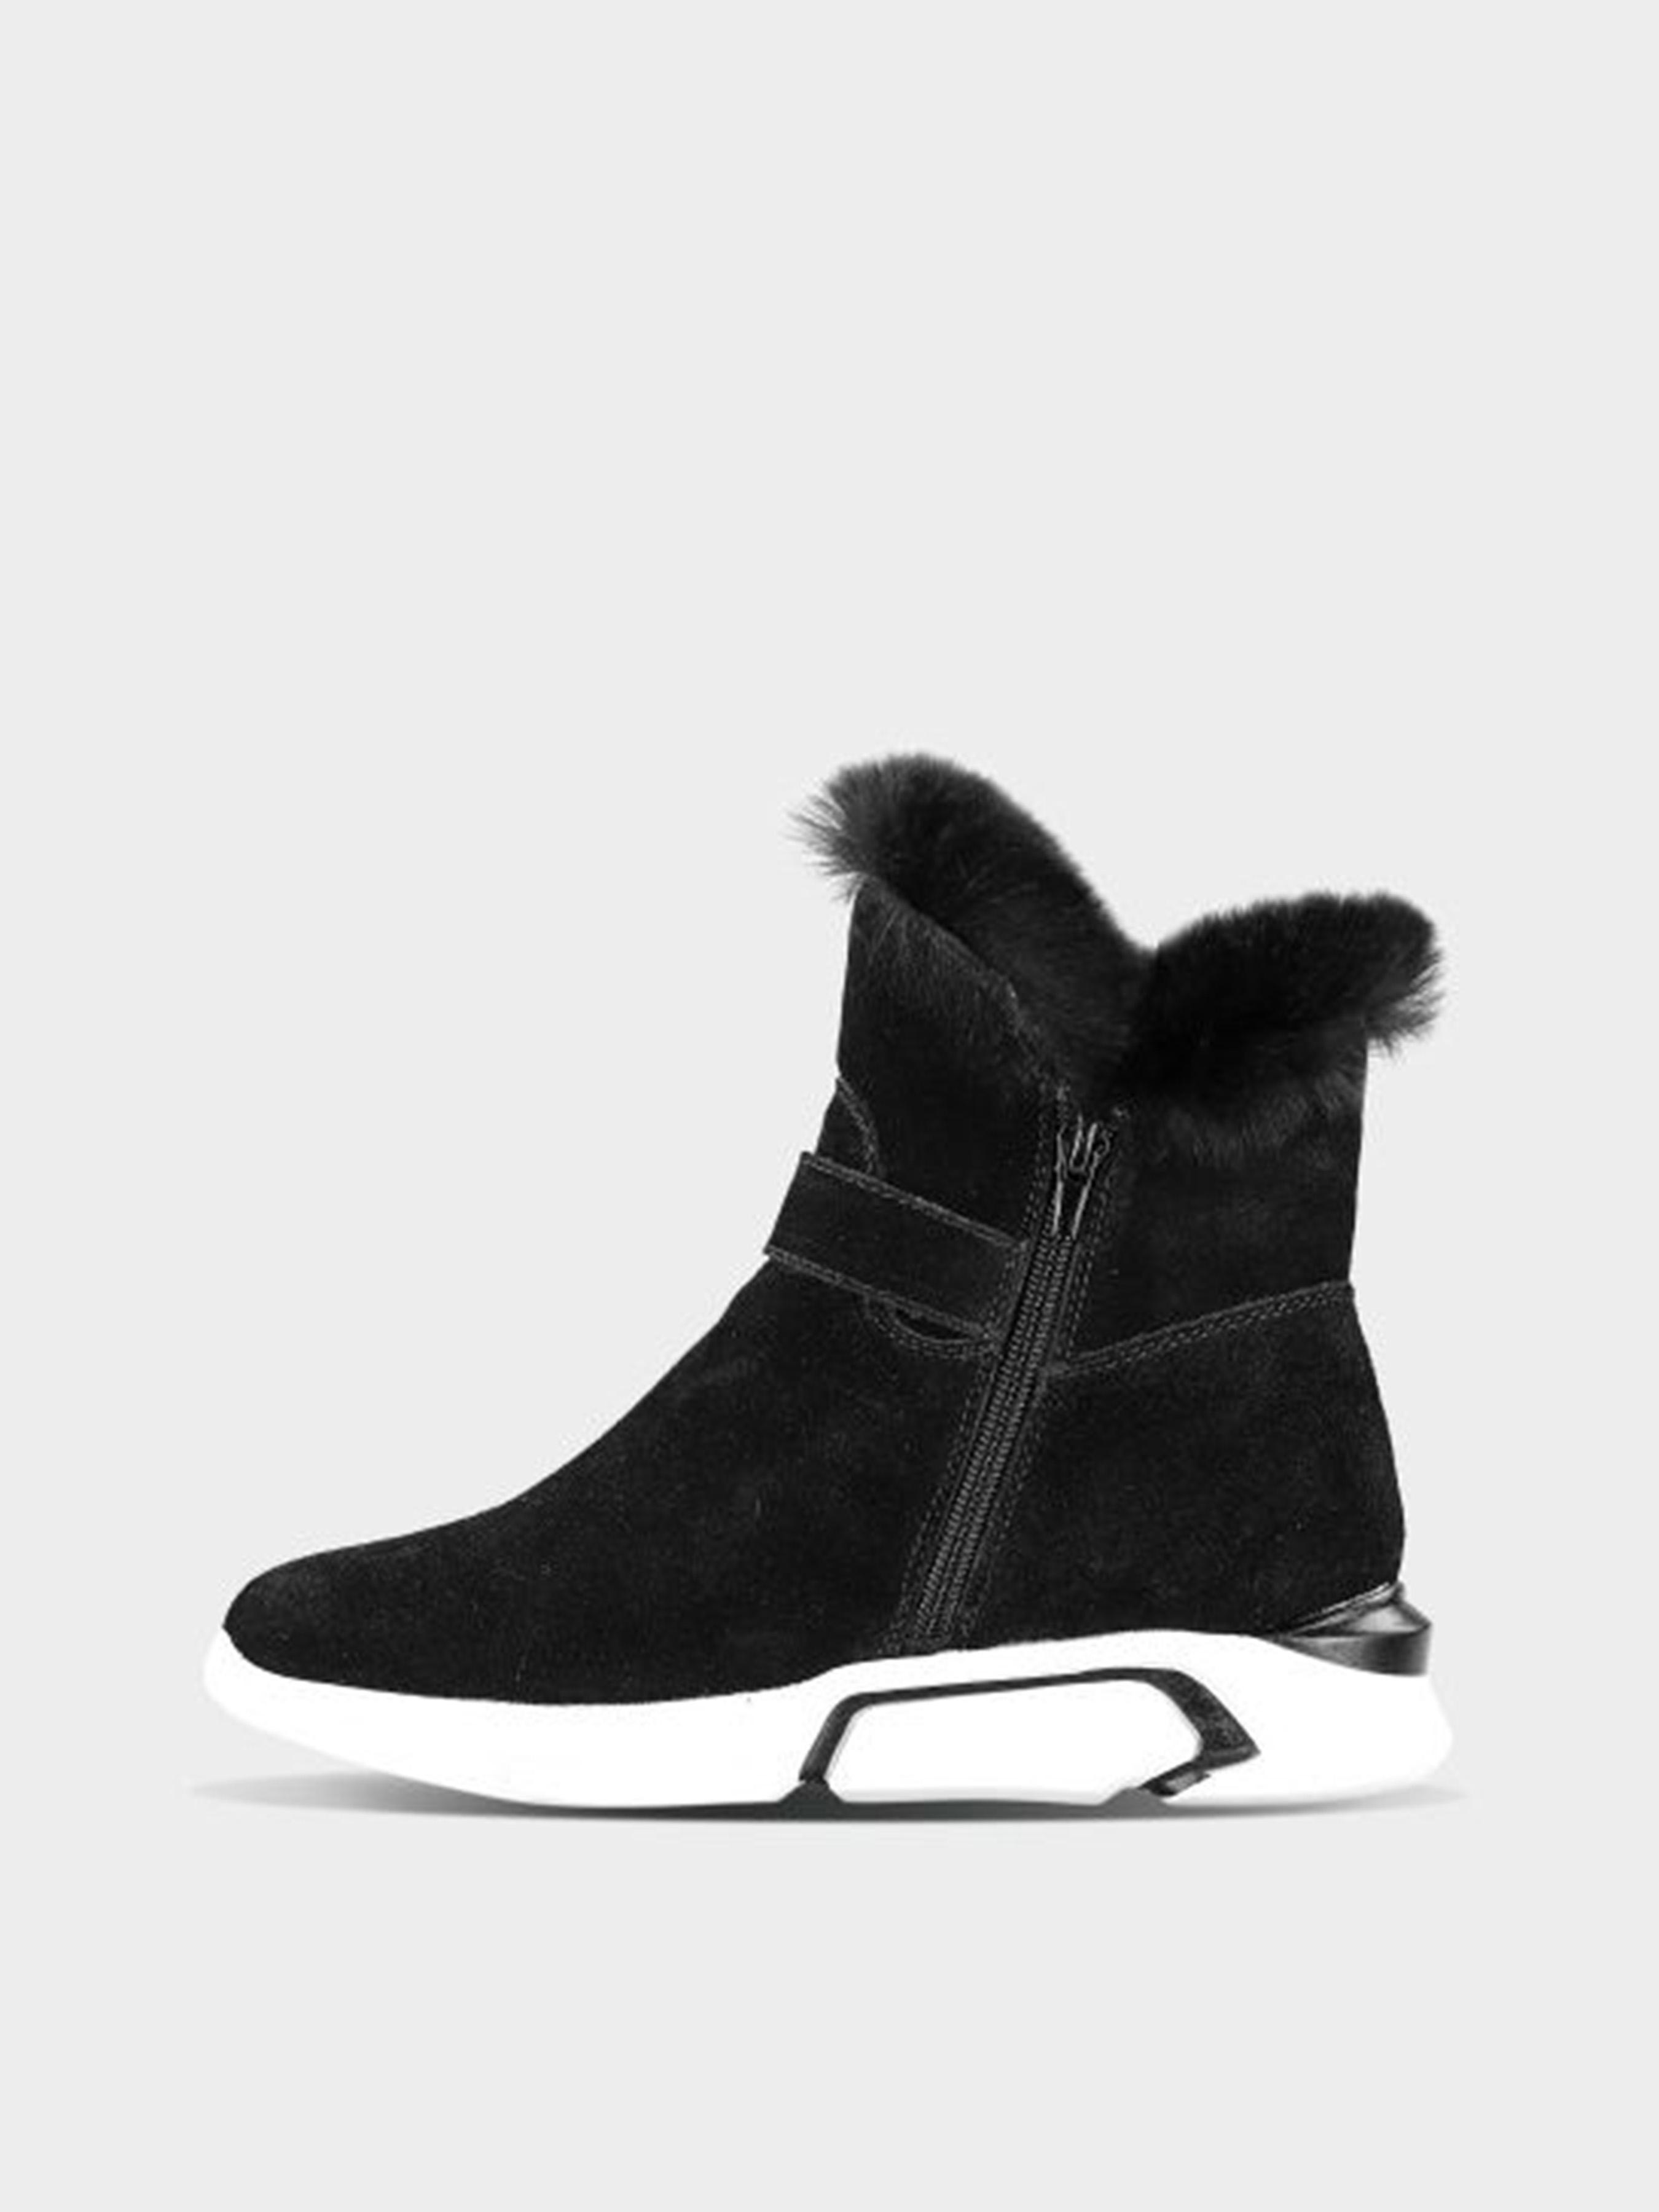 Ботинки для женщин Braska BS3224 размерная сетка обуви, 2017